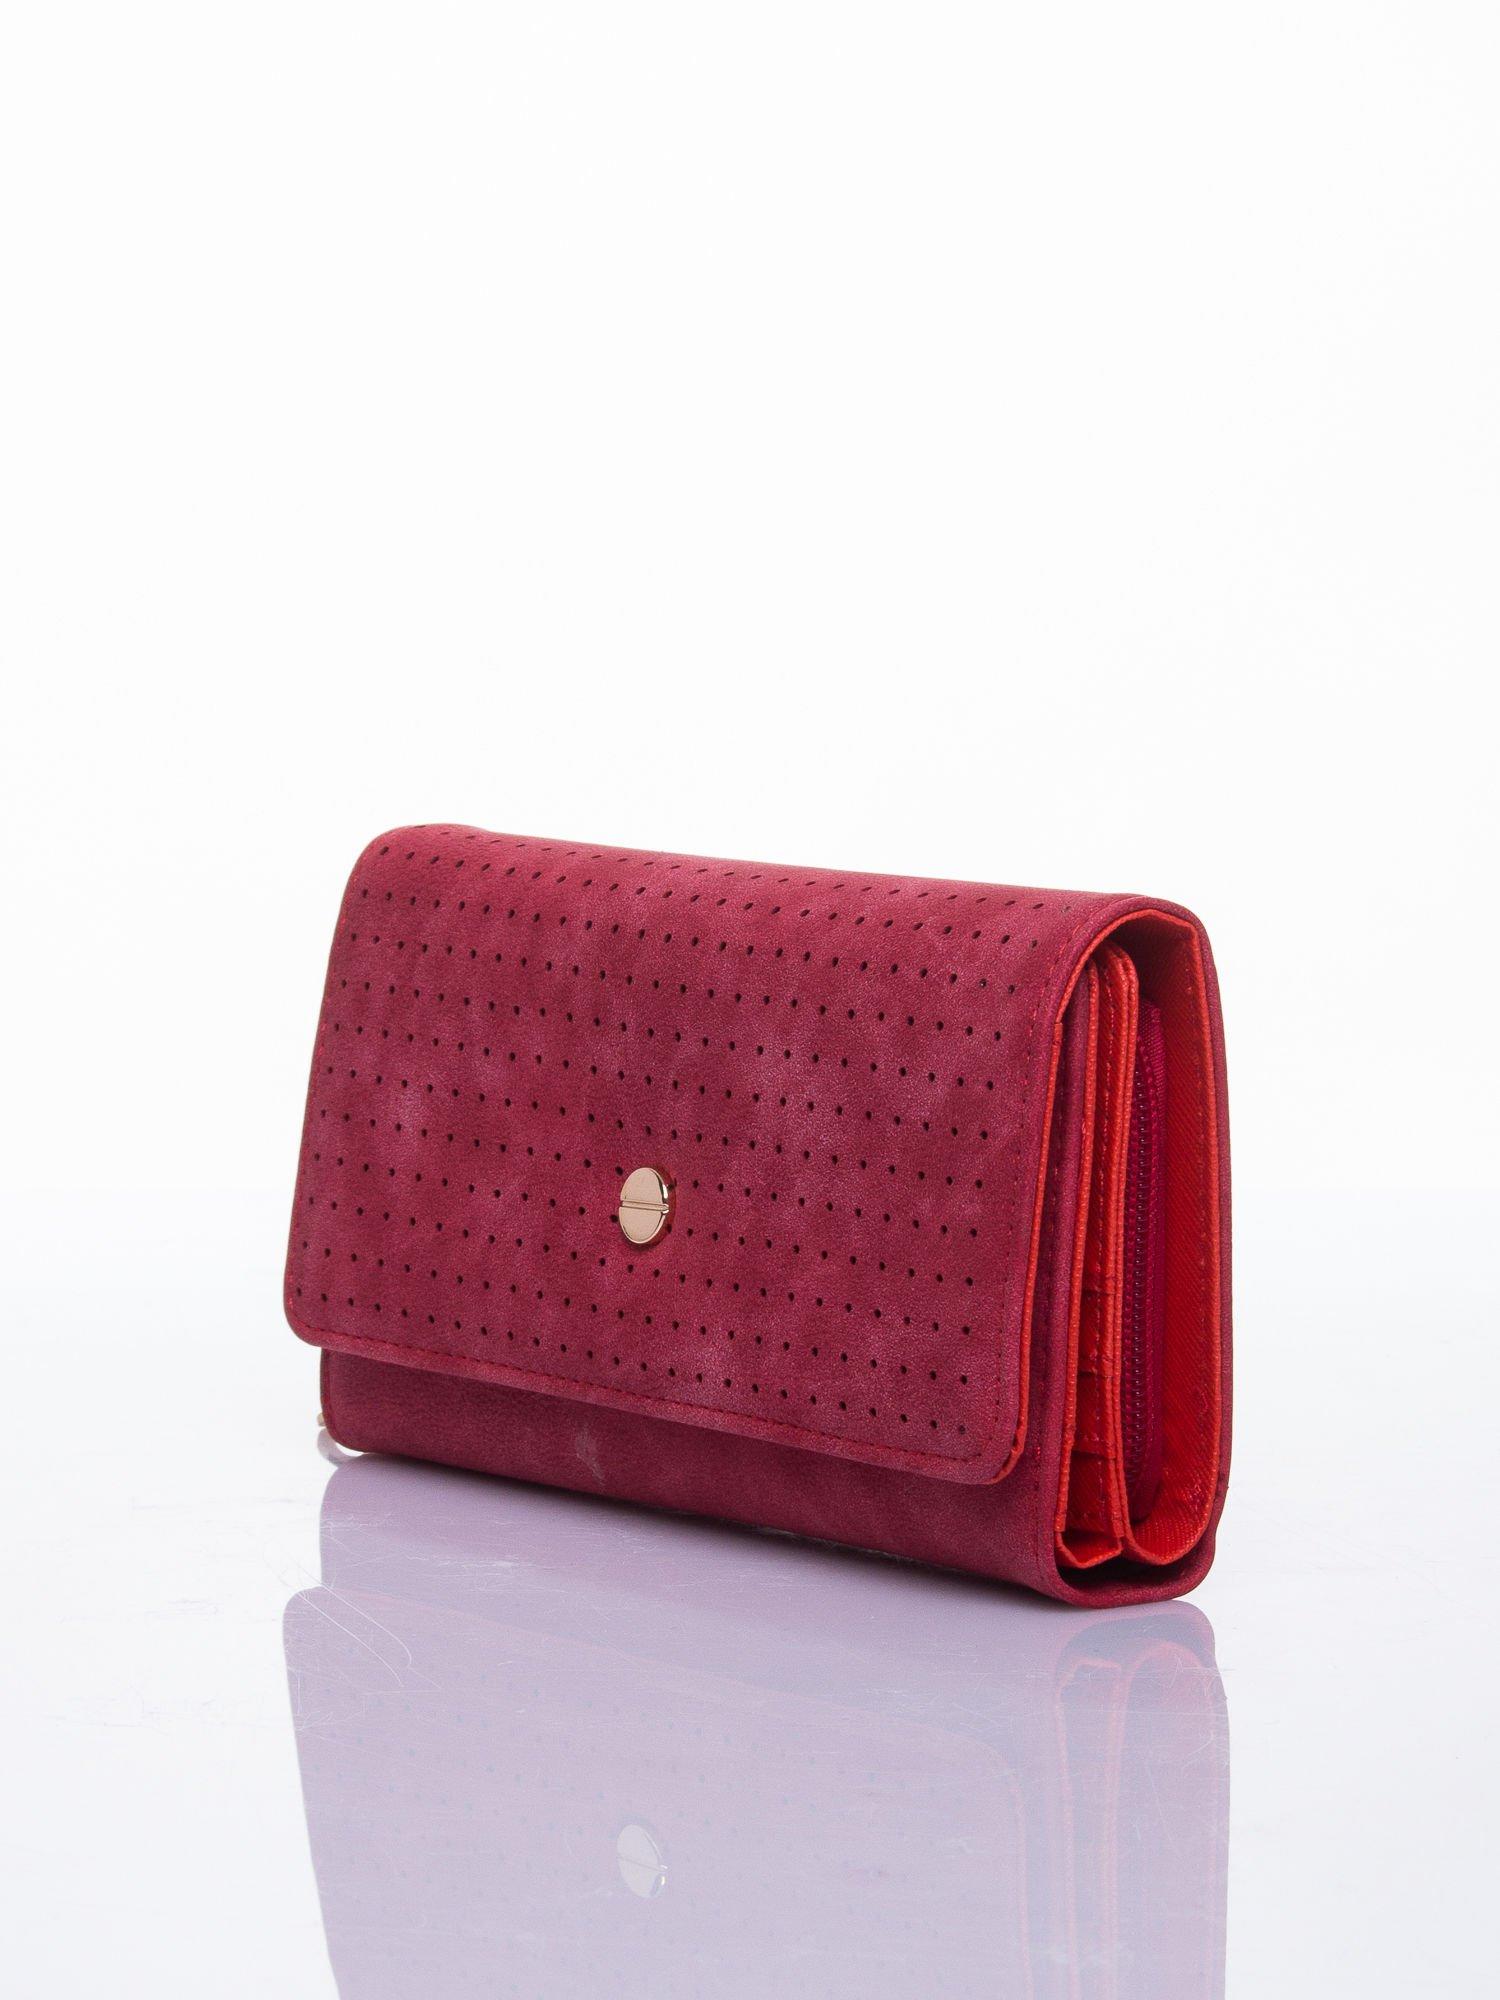 Czerwony ażurowany portfel ze złotym suwakiem                                  zdj.                                  2